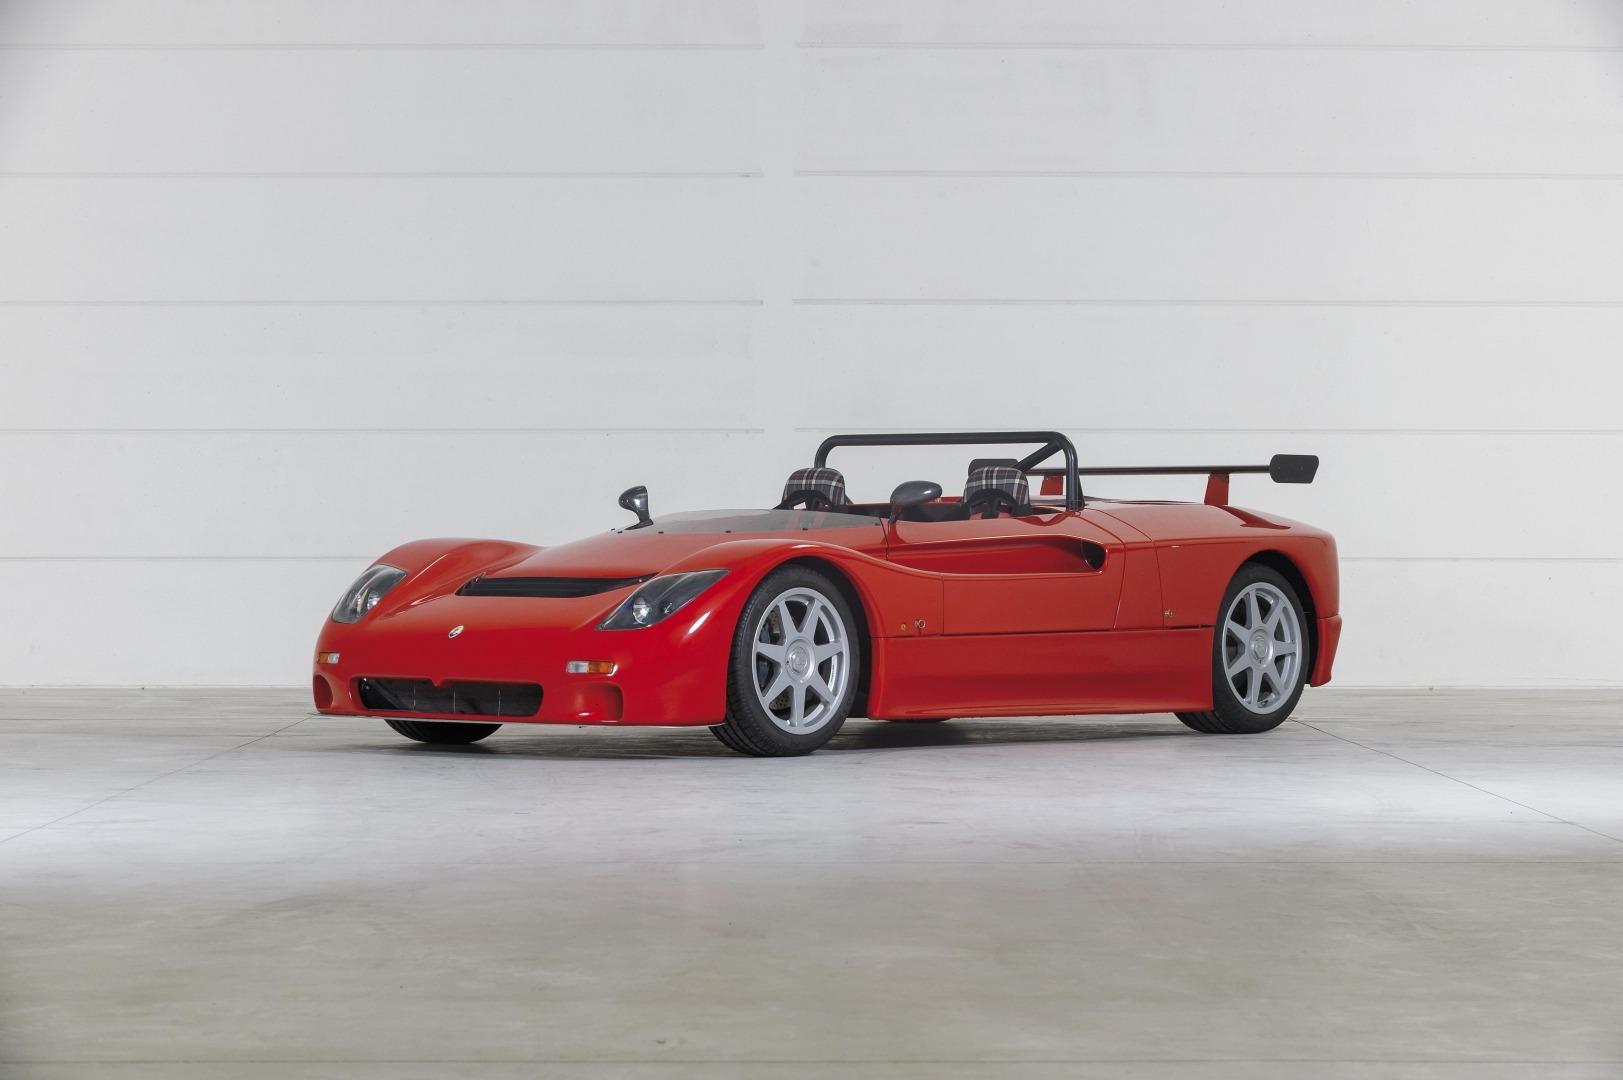 Maserati – Barchetta